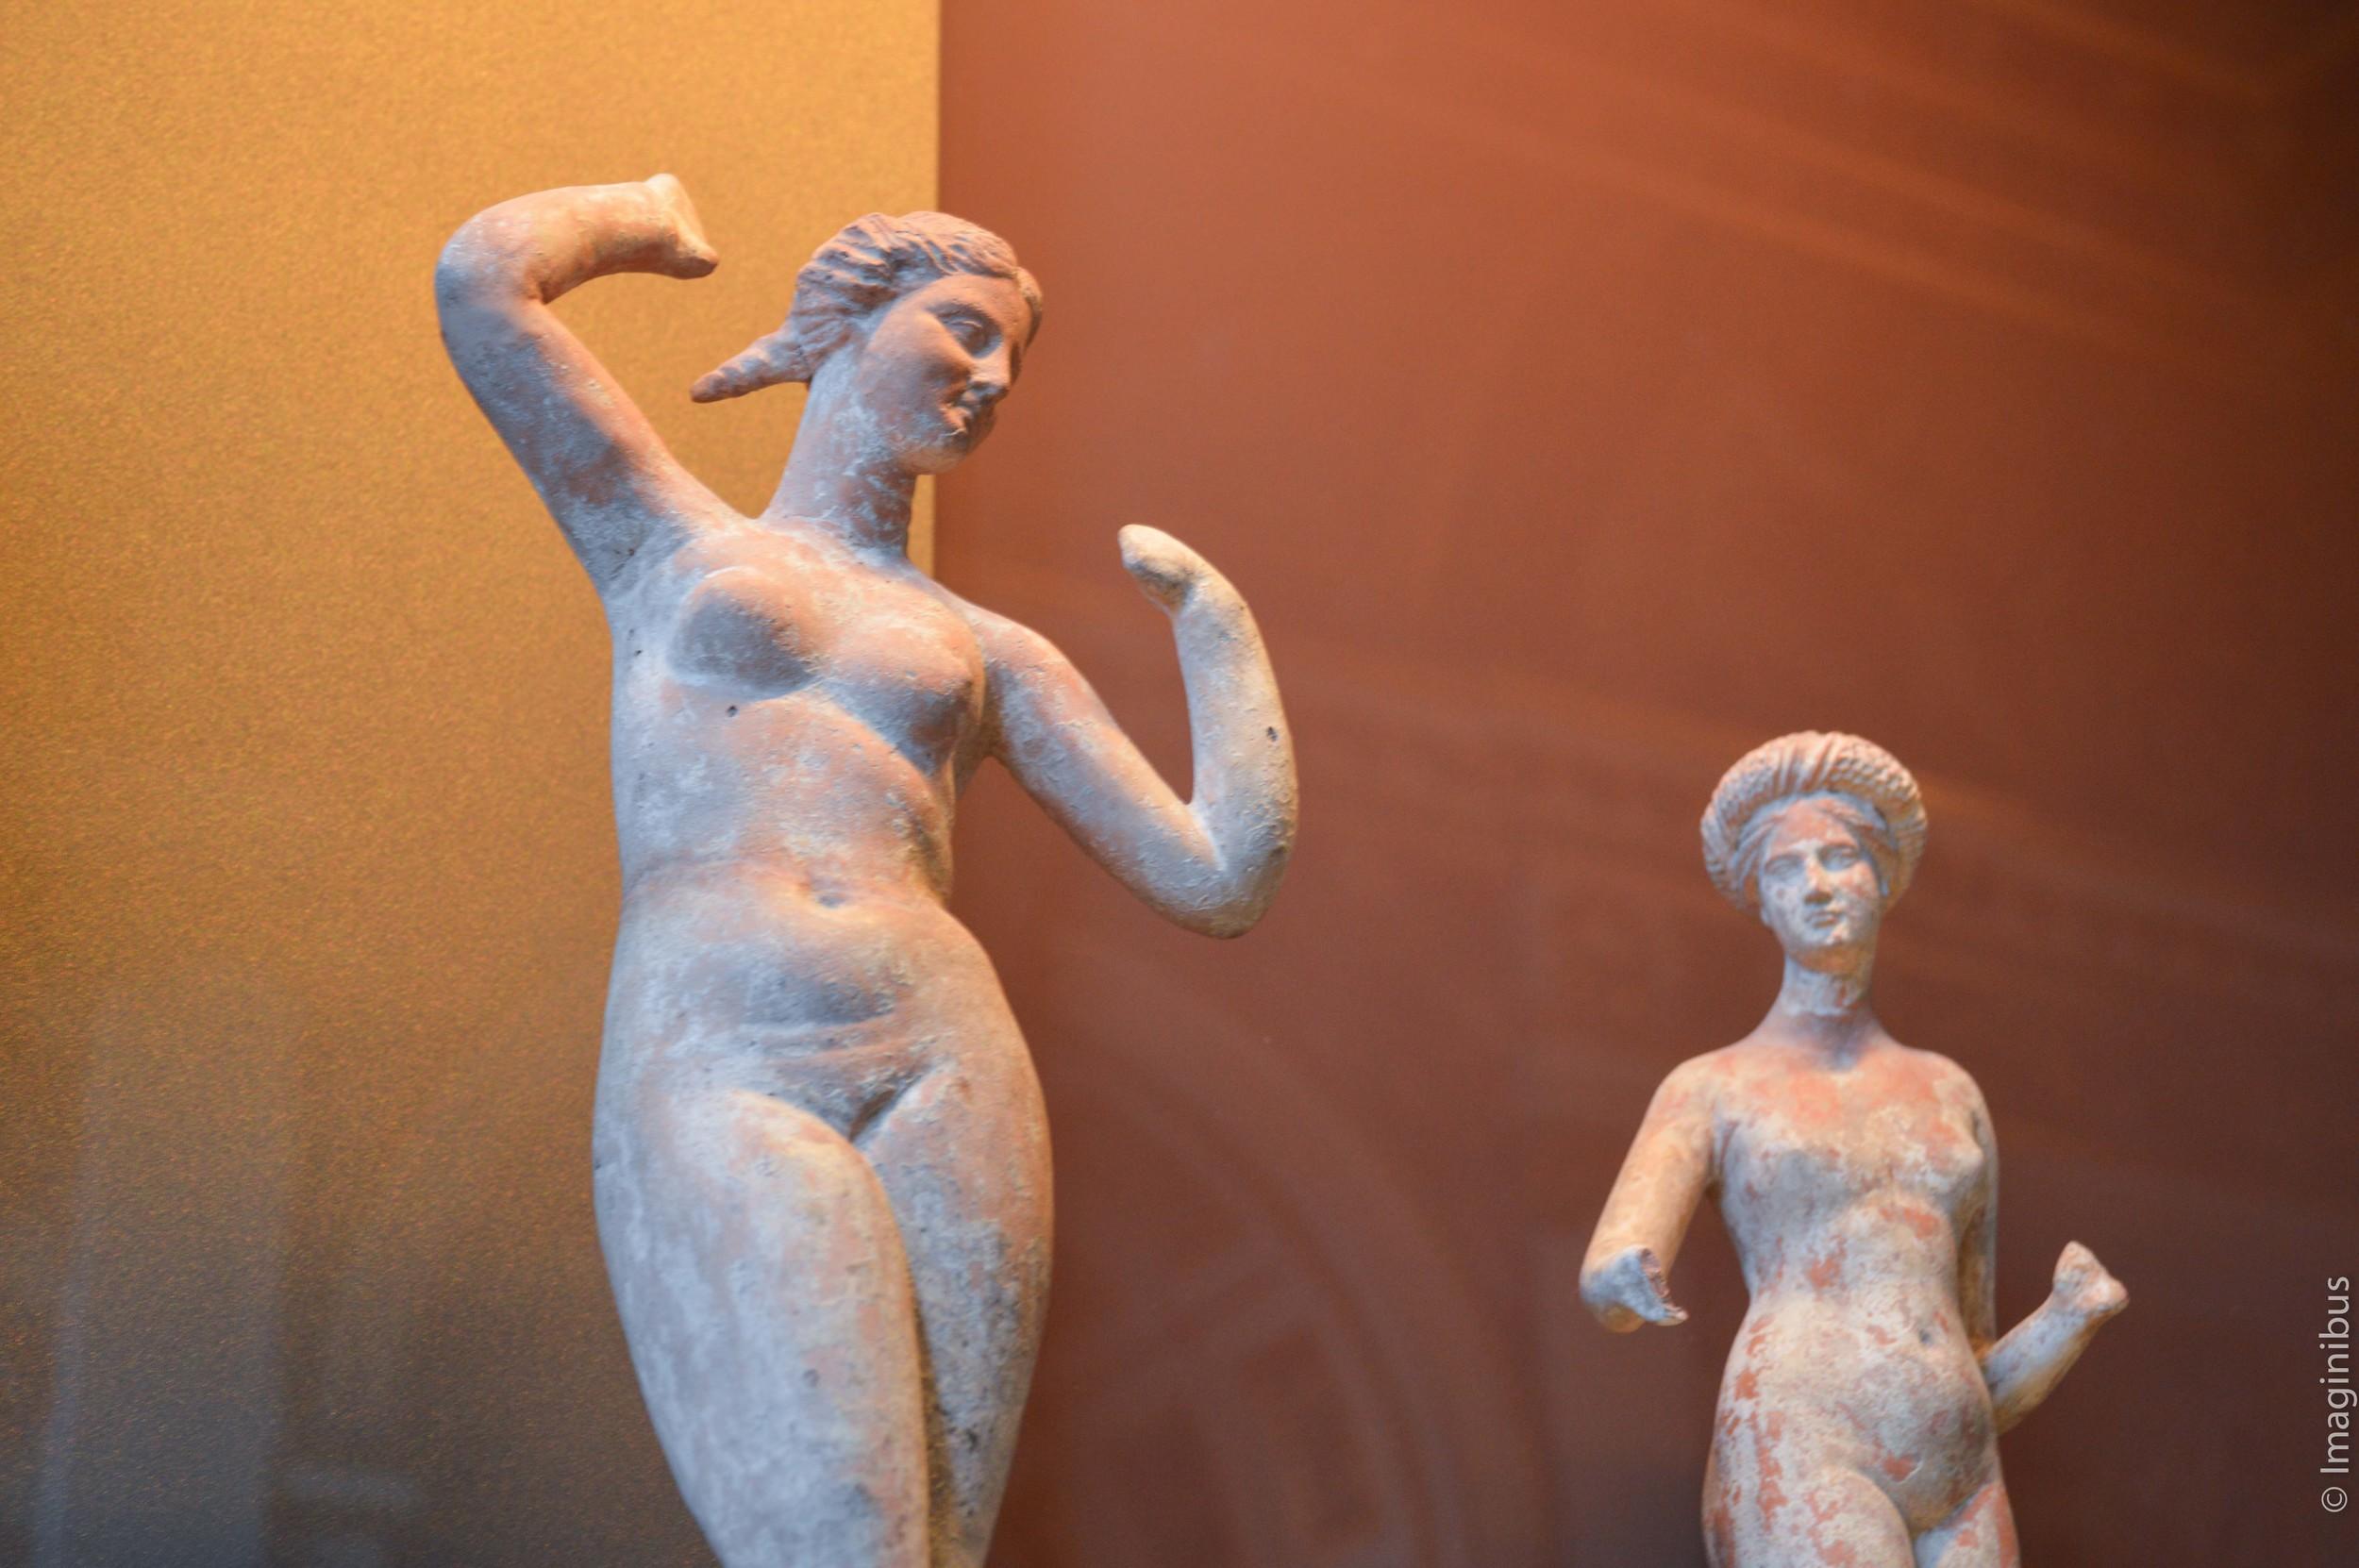 Louvre, Greek Terracotta Statue, Nude Woman